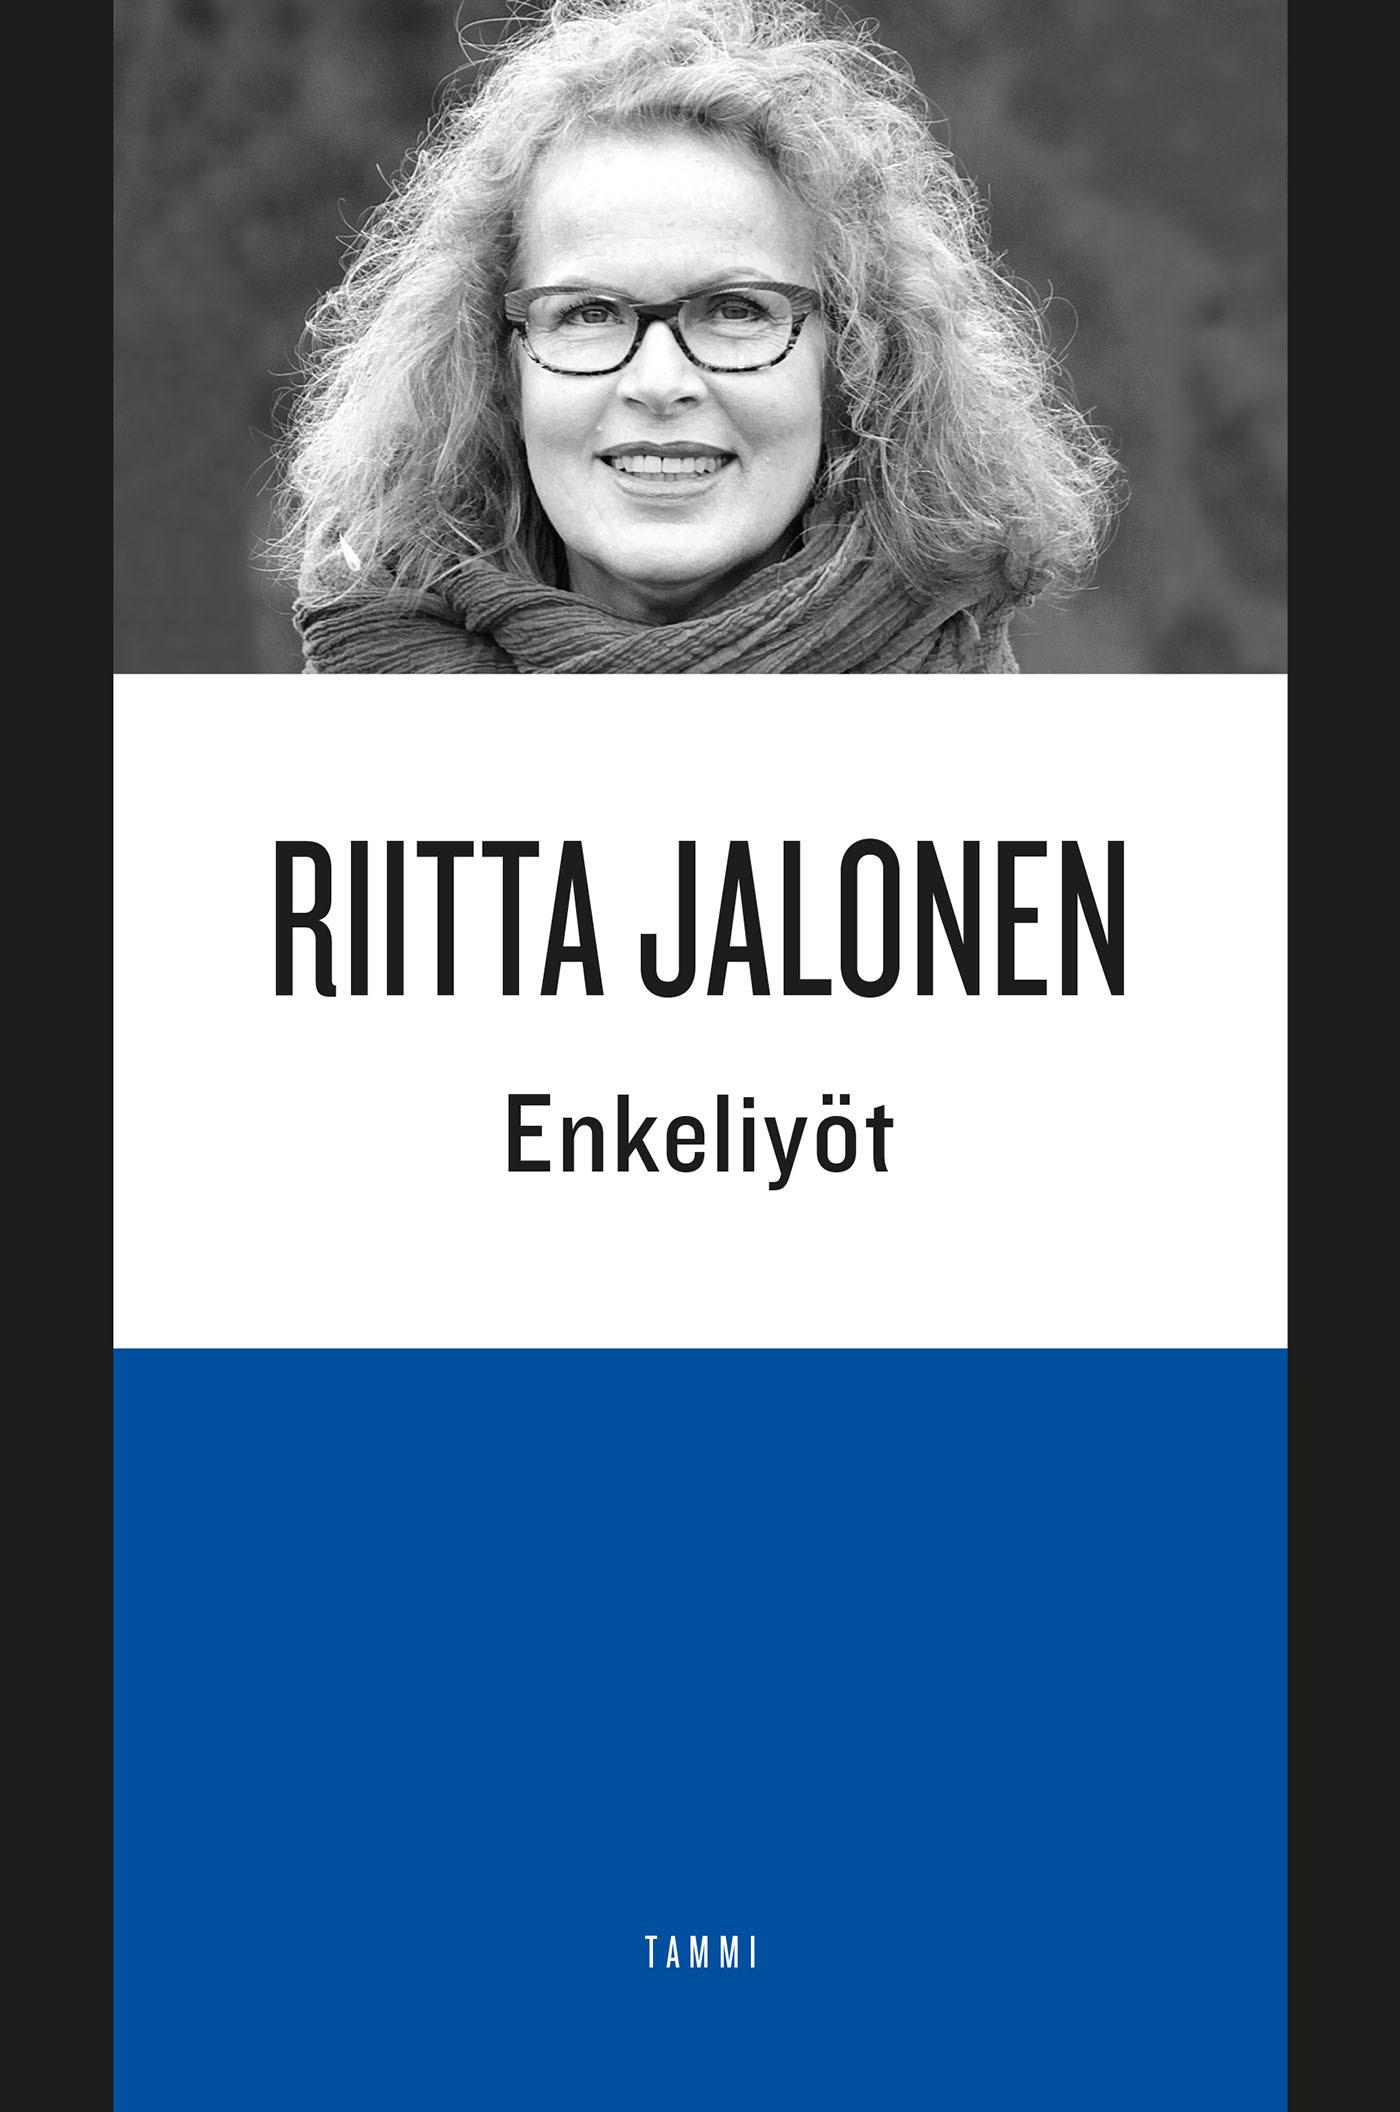 Jalonen, Riitta - Enkeliyöt, e-kirja